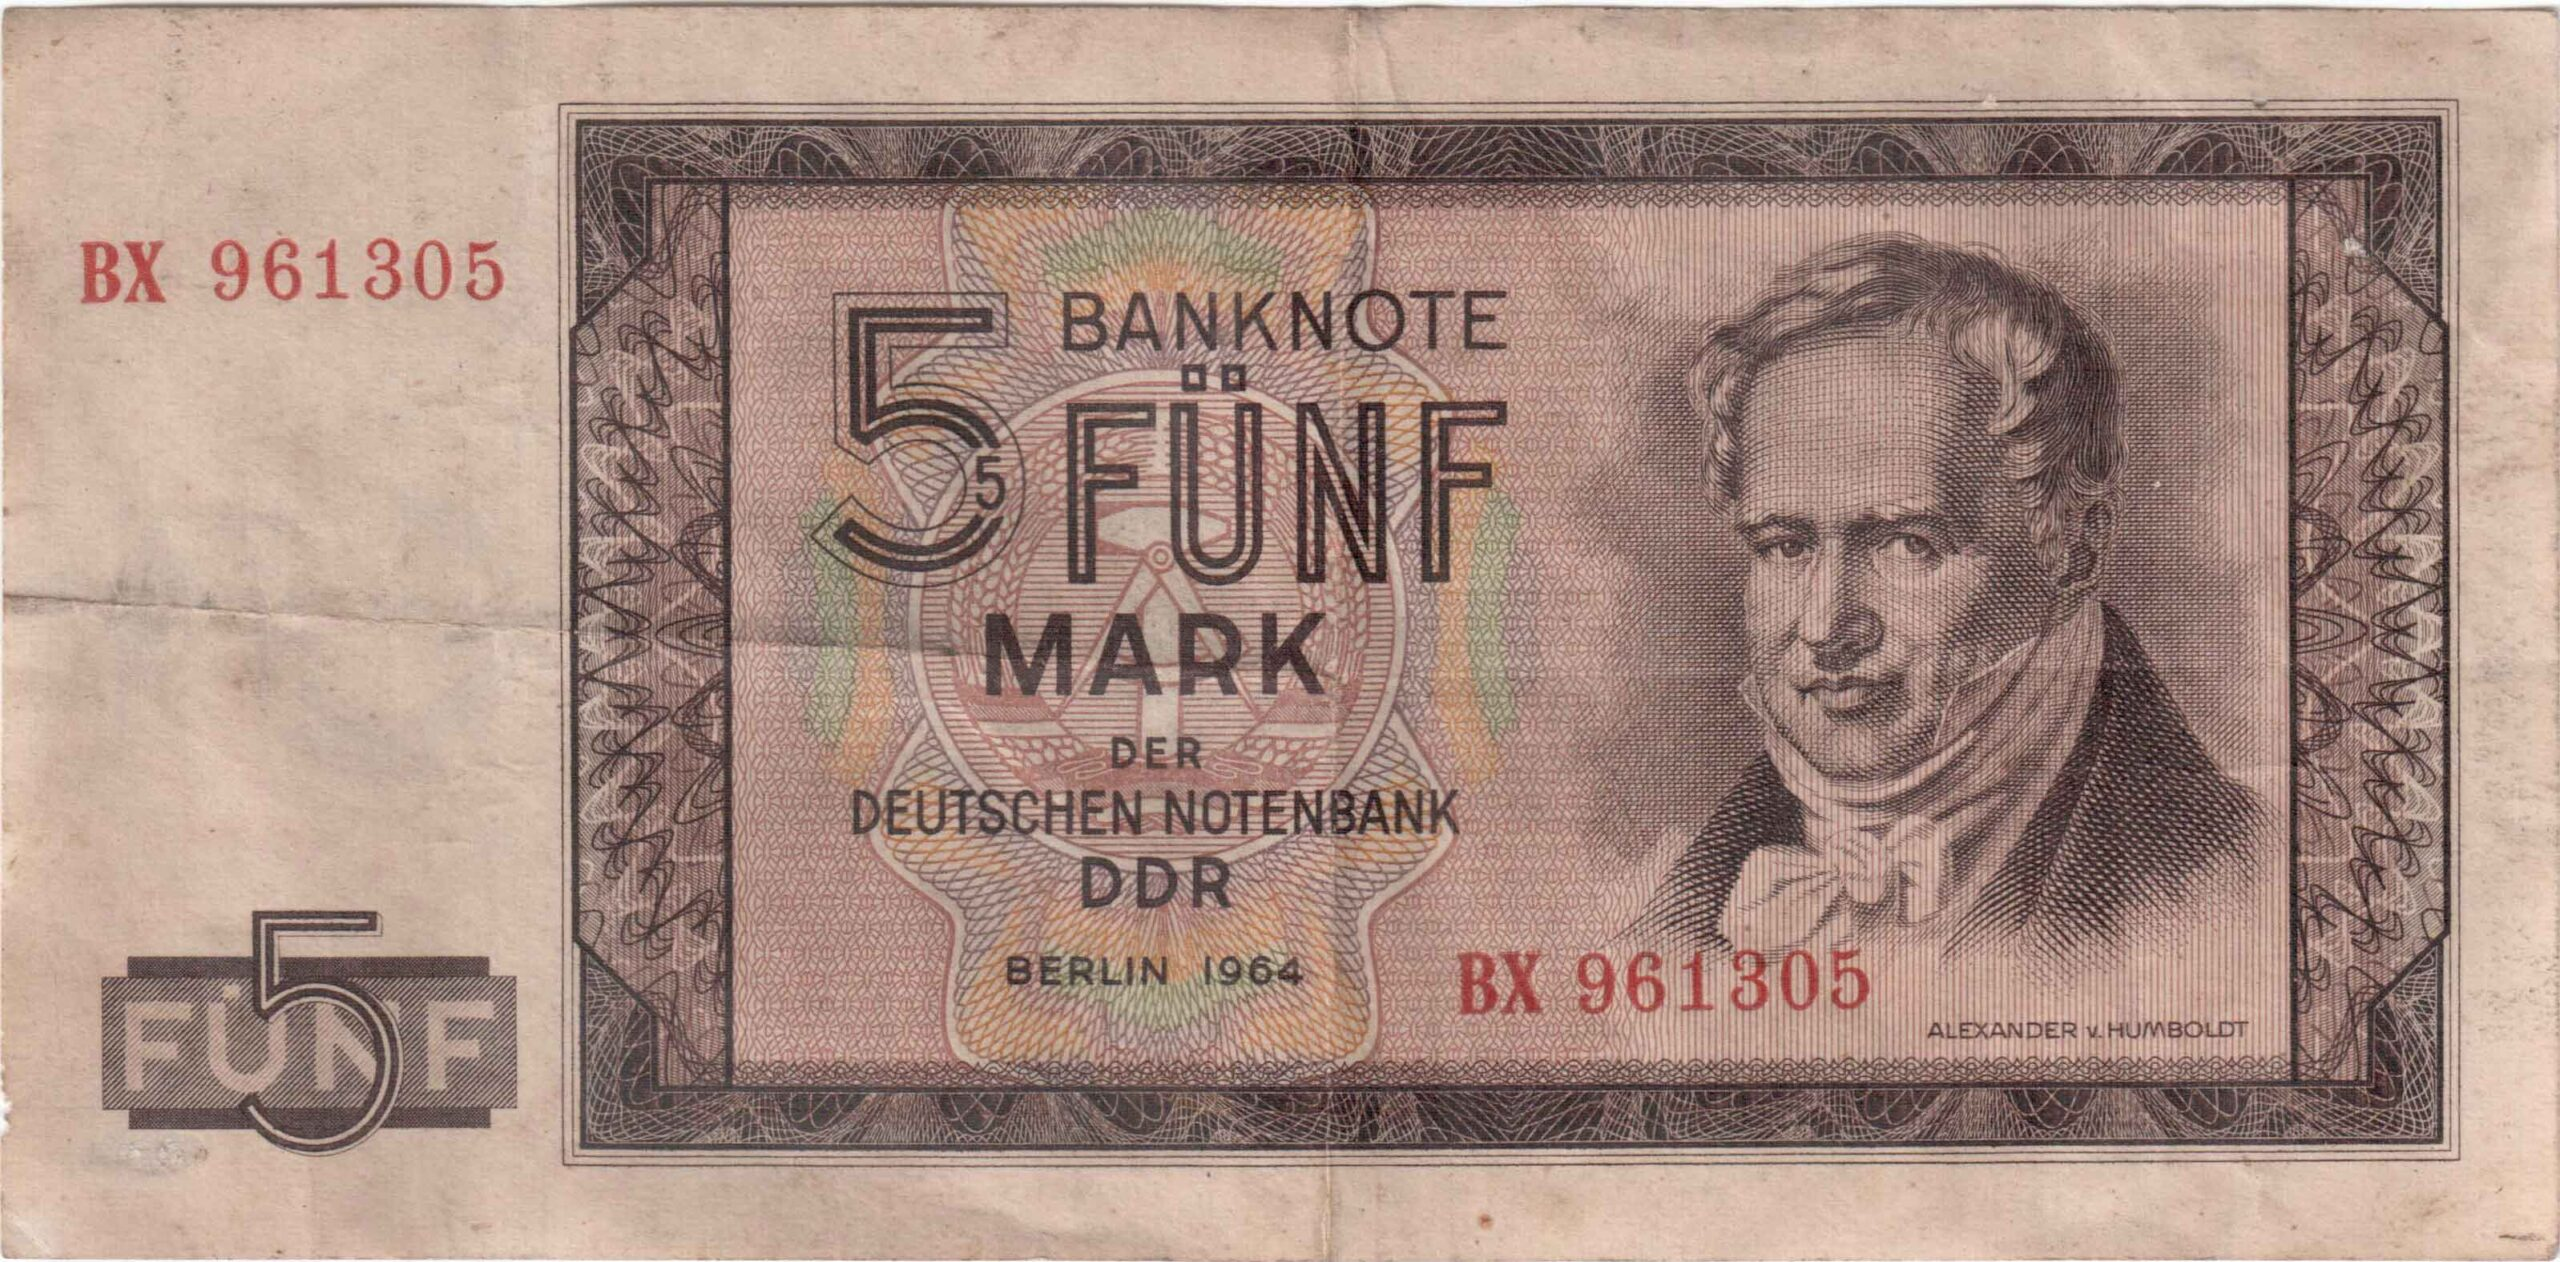 Fünfmarkschein der DDR von 1964, Ro. 349, Vorderseite